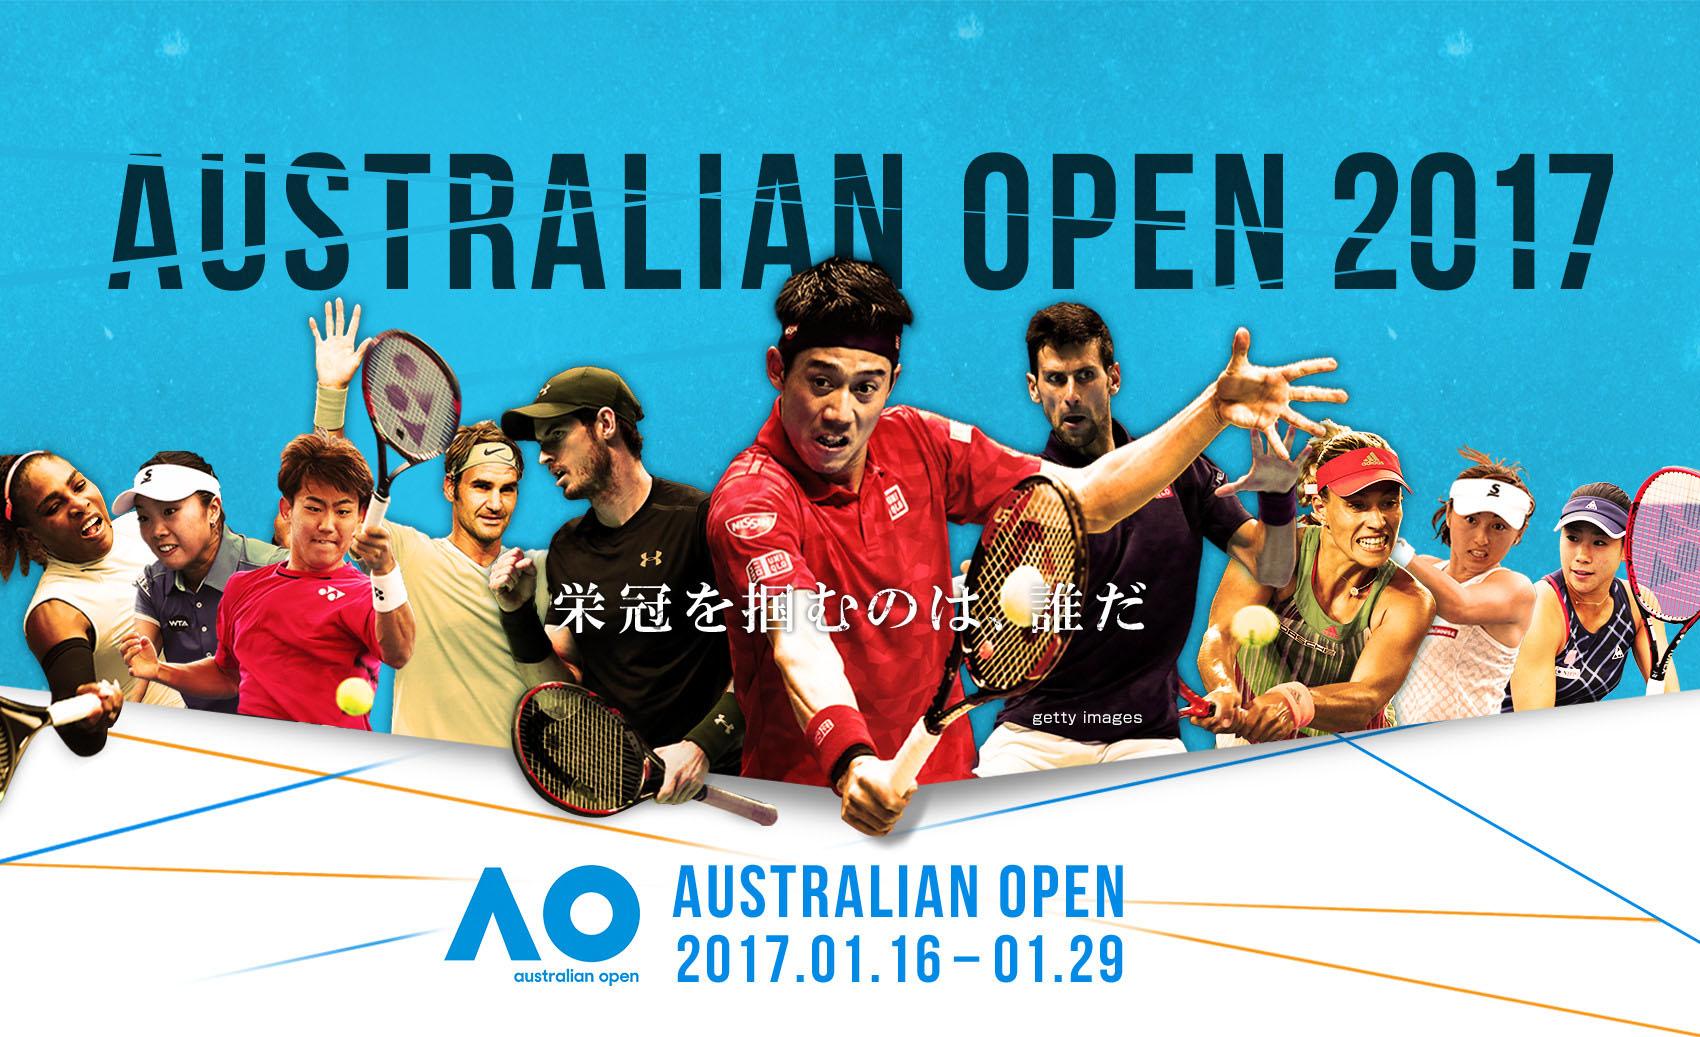 2017全豪オープン特集 | tennis3...